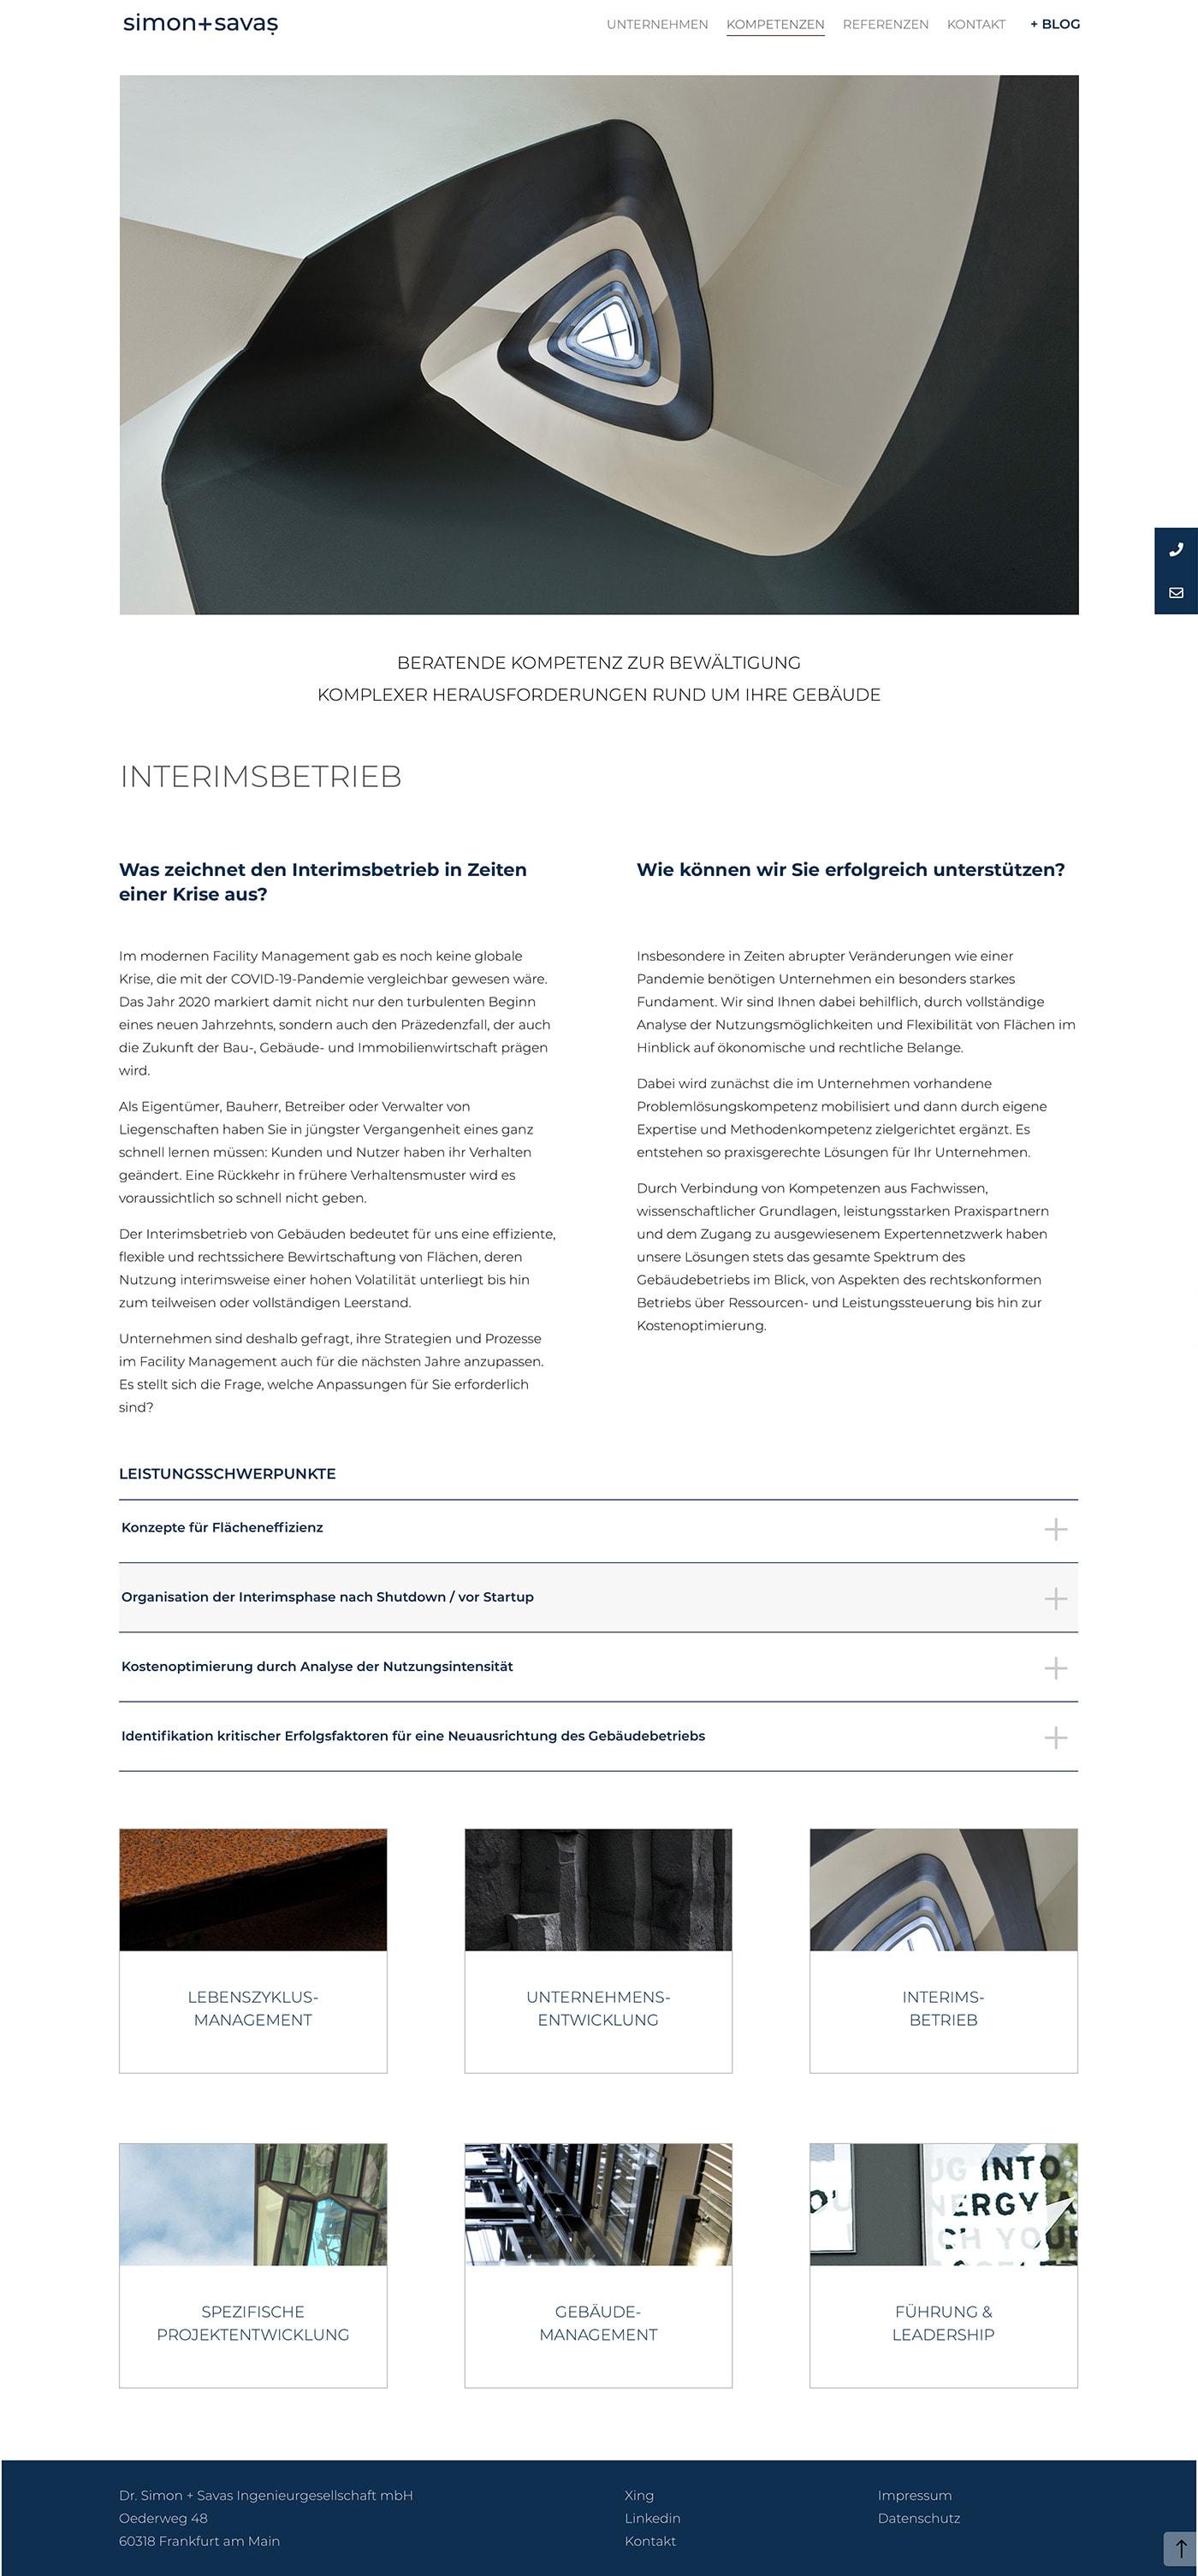 Webdesign und Programmierung der Unternehmenshomepage für Ingenieurgesellschaft und Unternehmensberatung Dr. Simon + Savaş Ingenieurgesellschaft mbH durch Ronald Wissler Visuelle Kommunikation